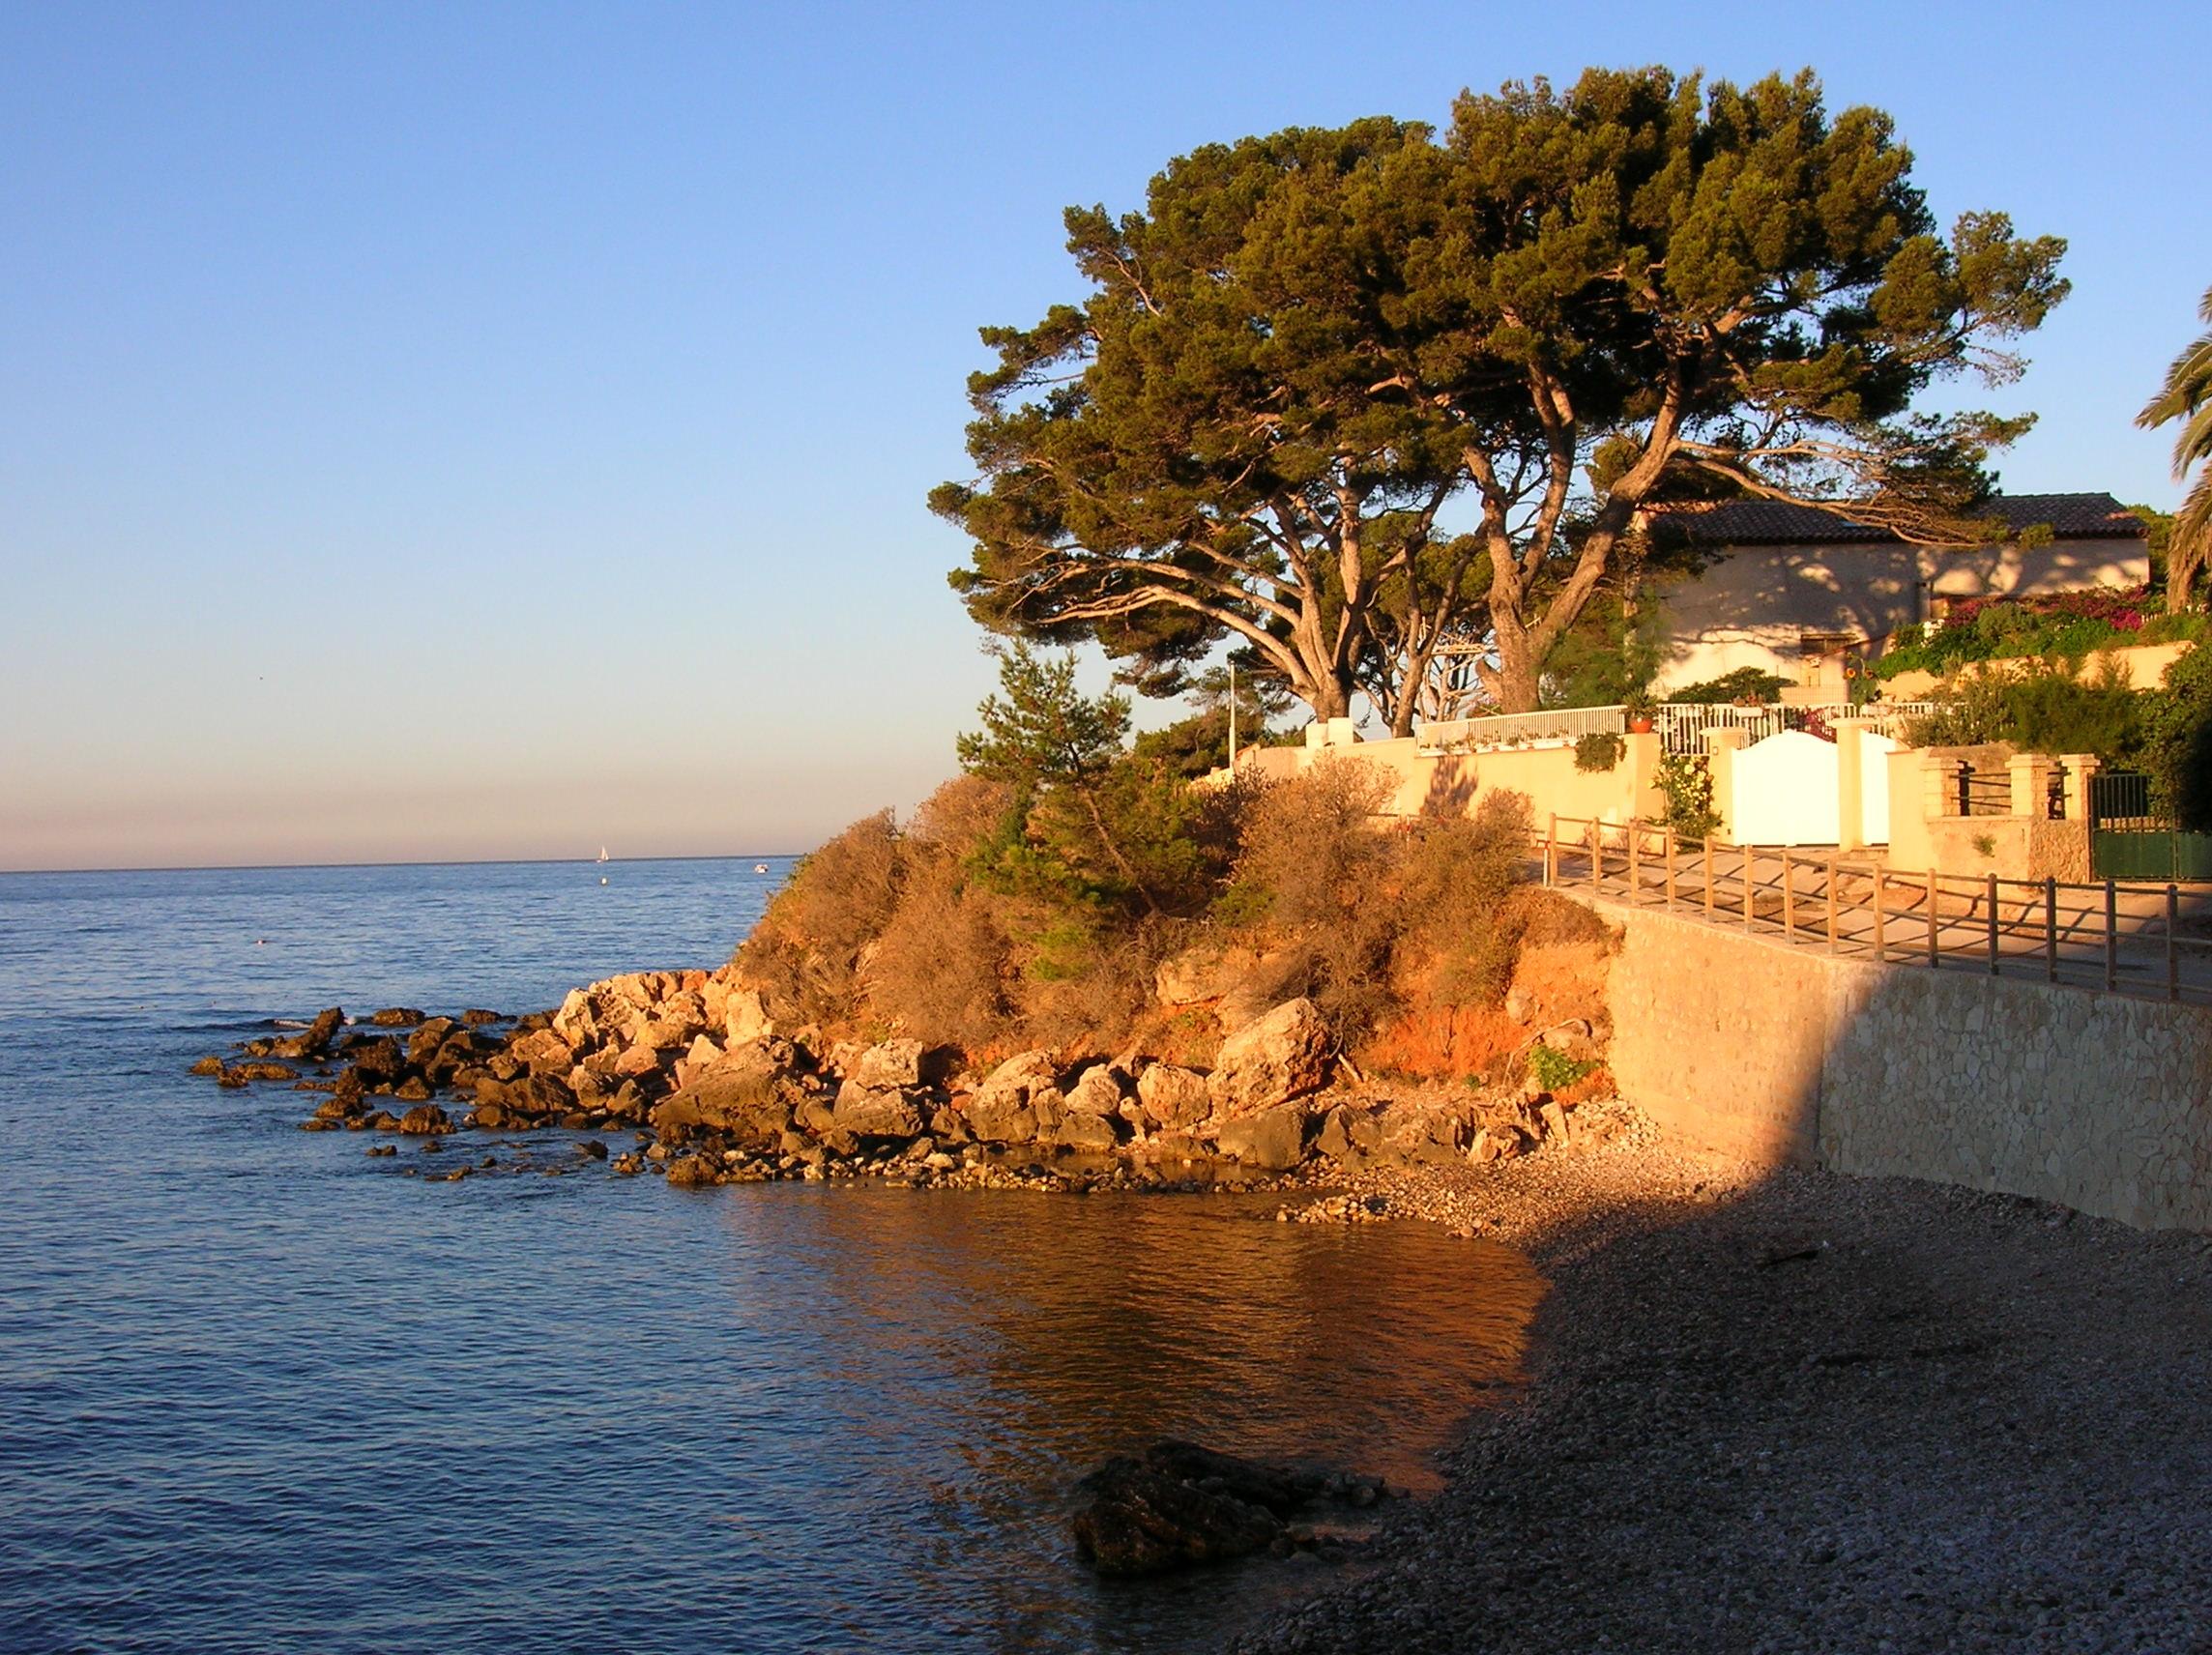 Voyage en France, sur la côte méditerranéenne - souvenirs et photos !